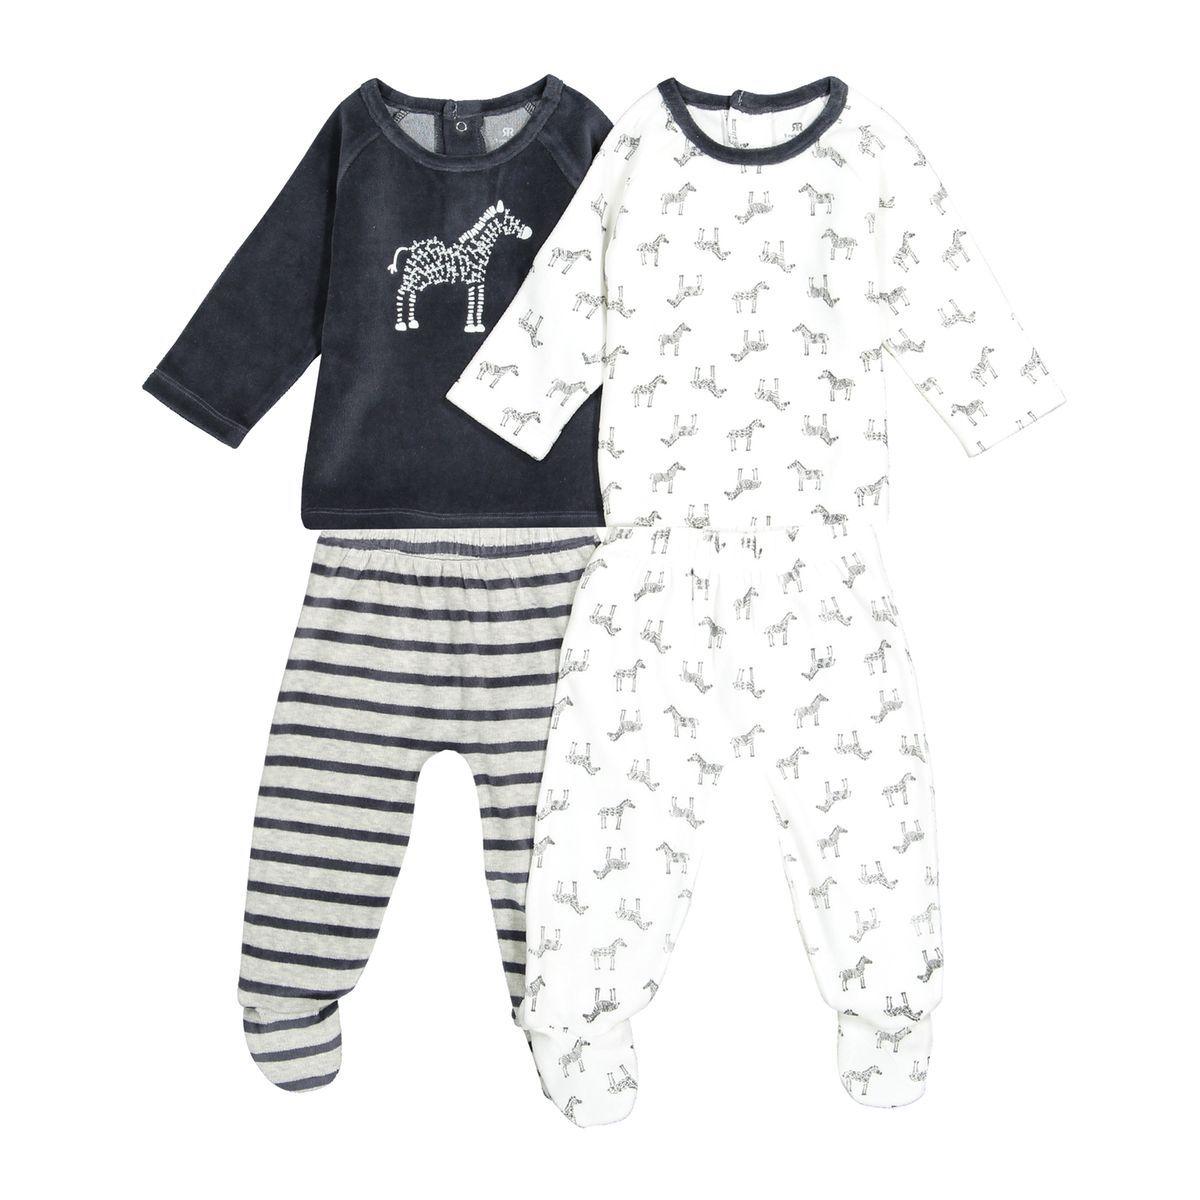 c167aa918460b Lot De 2 Pyjamas Velours Thème Zèbre, 0 Mois-3 Ans - Taille : 0 mois ...